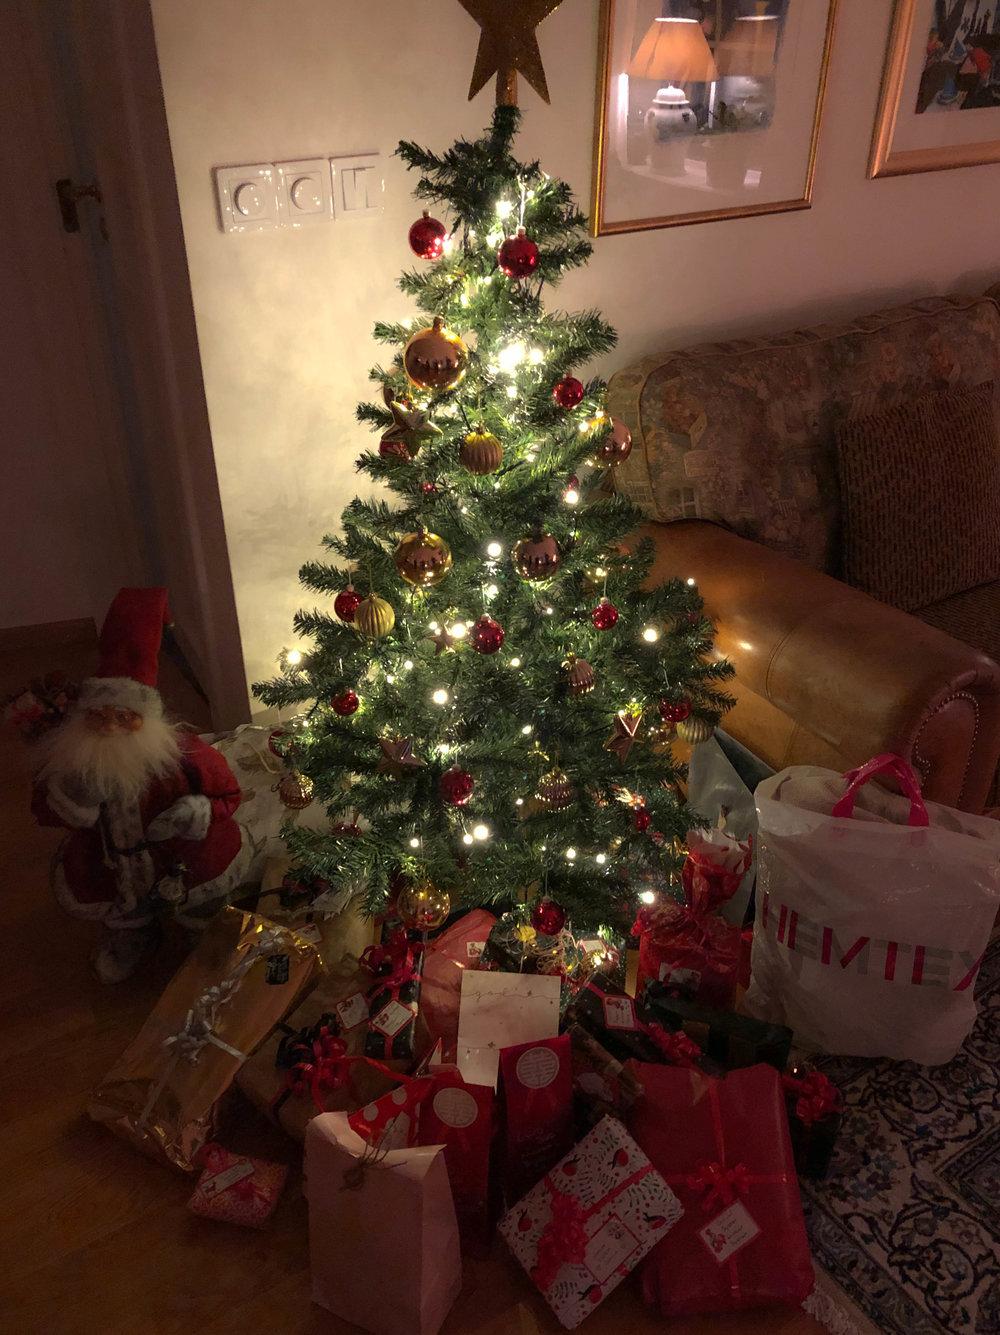 Önskade mig köksgeråd i julklapp, kastruller osv. Fick det. Det var kul.